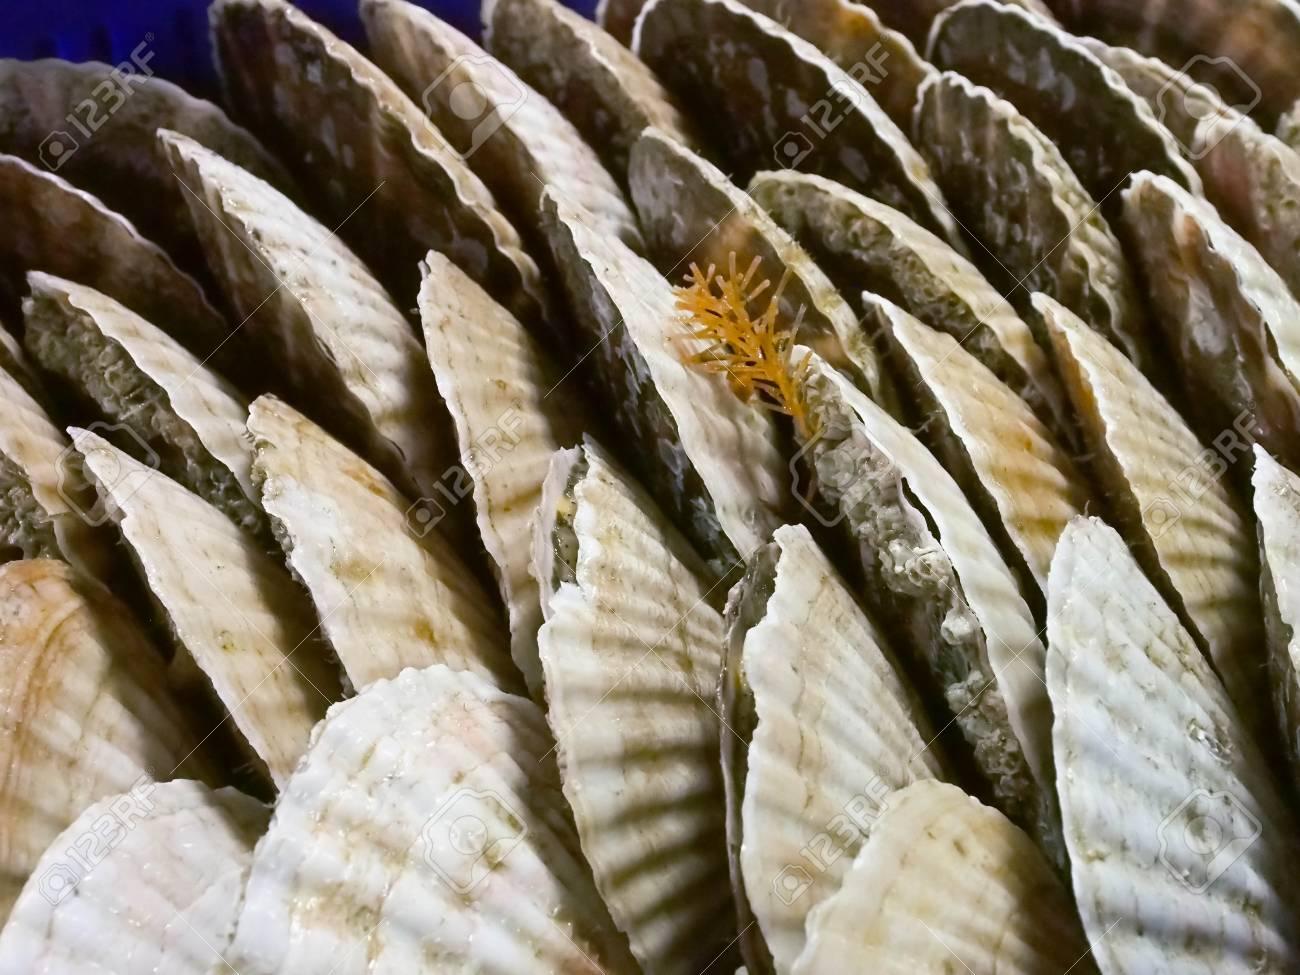 Close up of fresh shellfish, sea shell at Fish market in Taipei